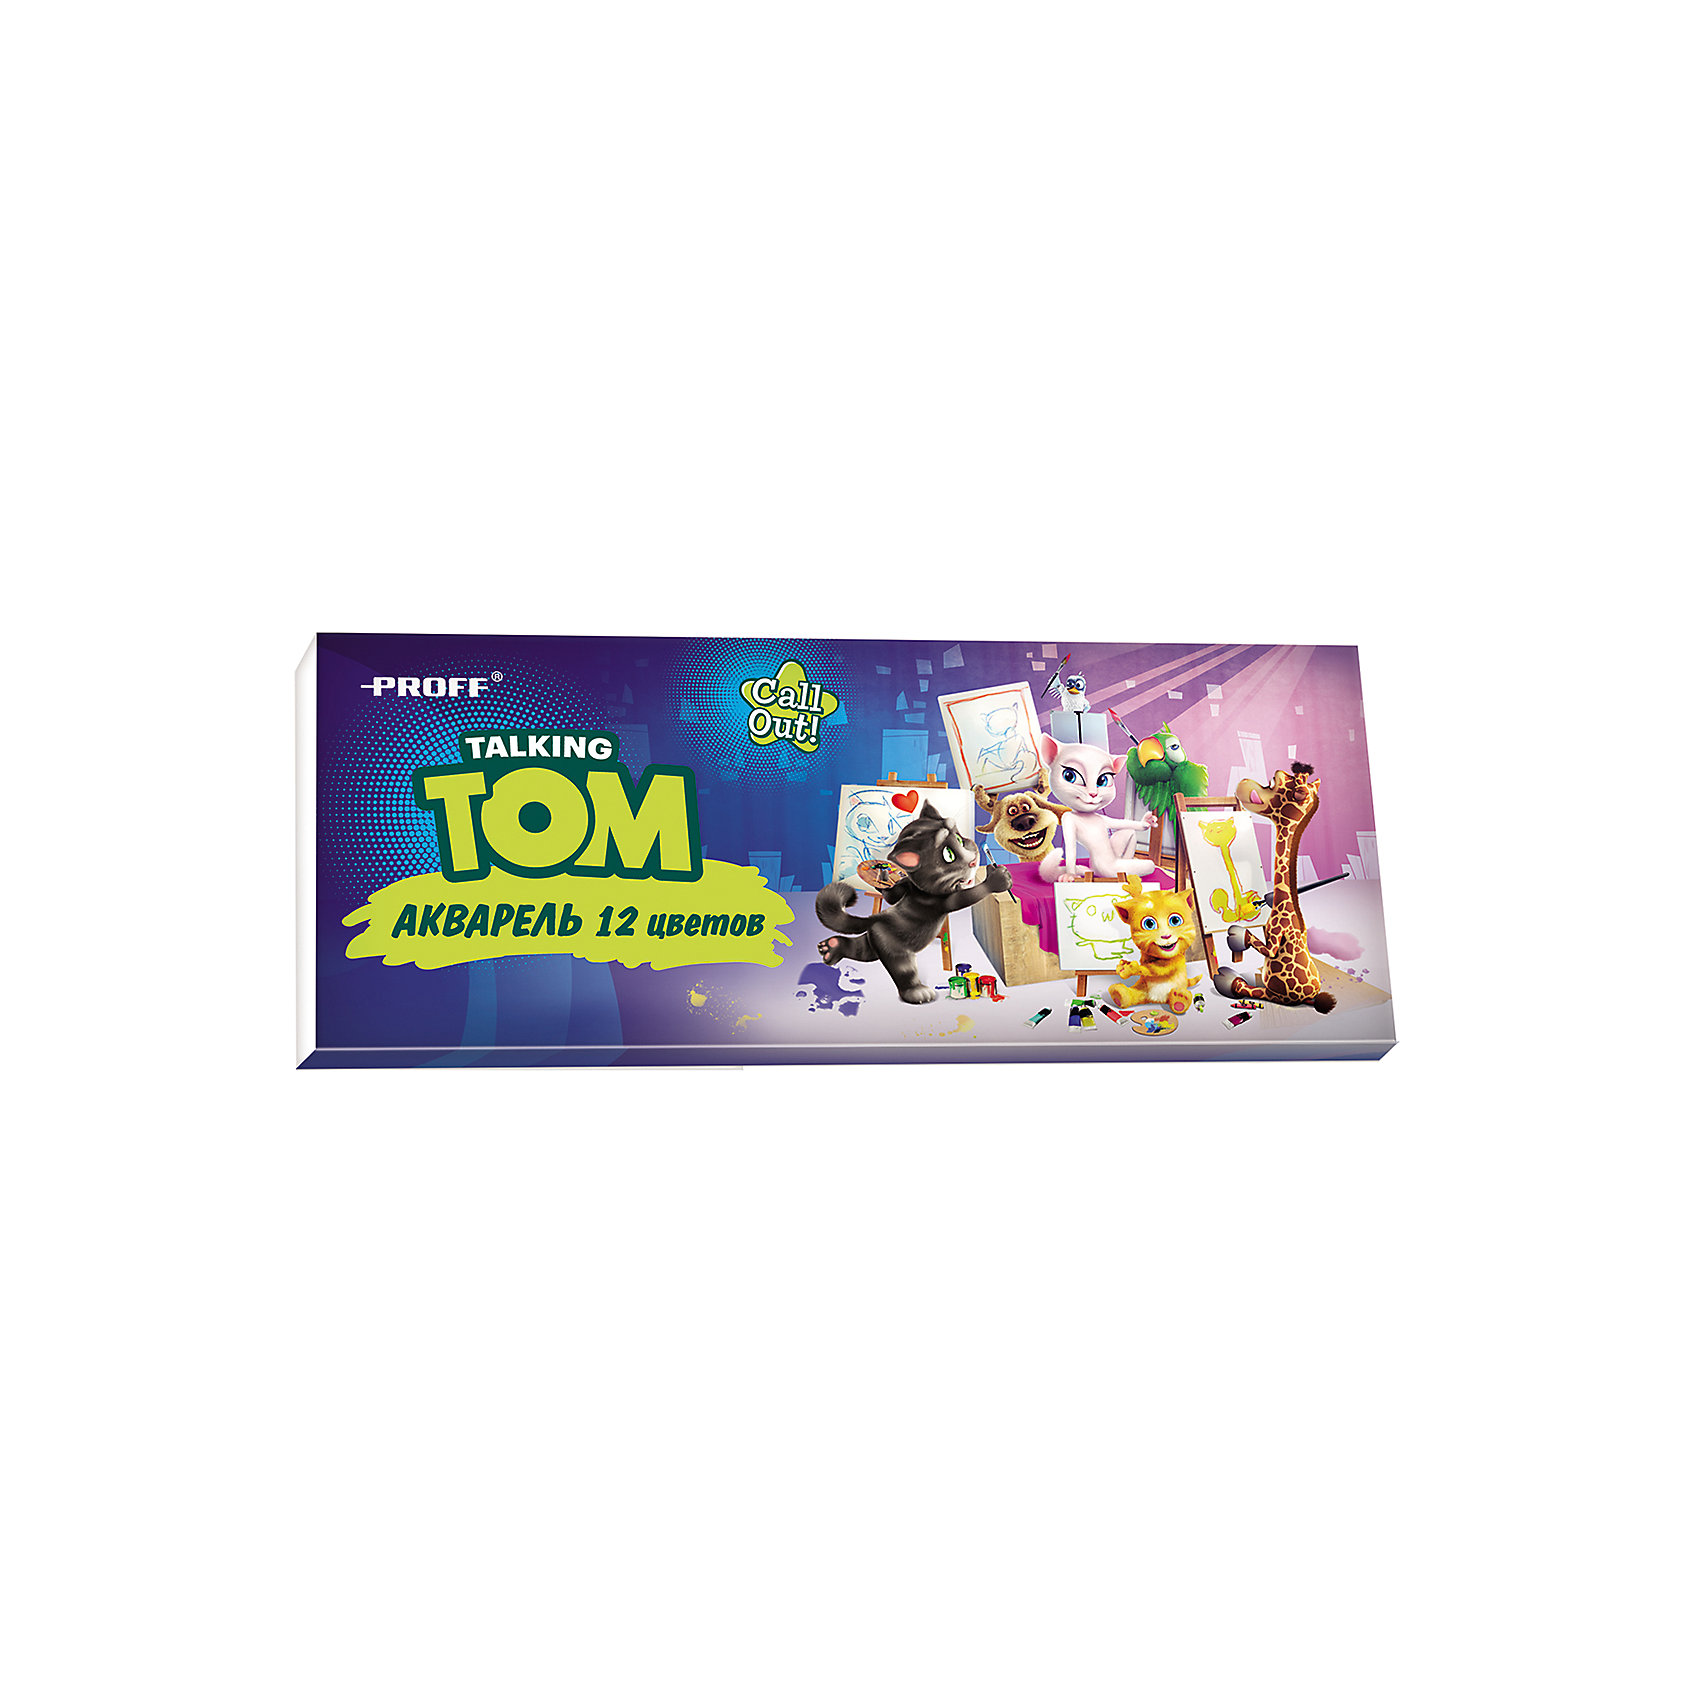 Краски акварельные медовые Говорящий Том,  12 цветовАкварельные краски Говорящий Том, Proff, хорошо подойдут как для школьных занятий так и для детского творчества в свободное время. В наборе 12 акварельных медовых красок, упакованных в пластиковую коробочку-контейнер с изображением забавного кота из популярной компьютерной игры. Краски легко размываются, создавая прозрачный цветной слой, легко смешиваются между собой, не крошатся и не смазываются, быстро сохнут. Кисточка в комплект не входит.<br><br>Дополнительная информация:<br><br>- В комплекте: 12 цветов.<br>- Размер упаковки: 17 х 1 х 7 см.<br>- Вес: 60 гр.<br><br>Краски акварельные медовые Говорящий Том, 12 цветов, Proff, можно купить в нашем интернет-магазине.<br><br>Ширина мм: 170<br>Глубина мм: 10<br>Высота мм: 70<br>Вес г: 60<br>Возраст от месяцев: 72<br>Возраст до месяцев: 144<br>Пол: Унисекс<br>Возраст: Детский<br>SKU: 4601774